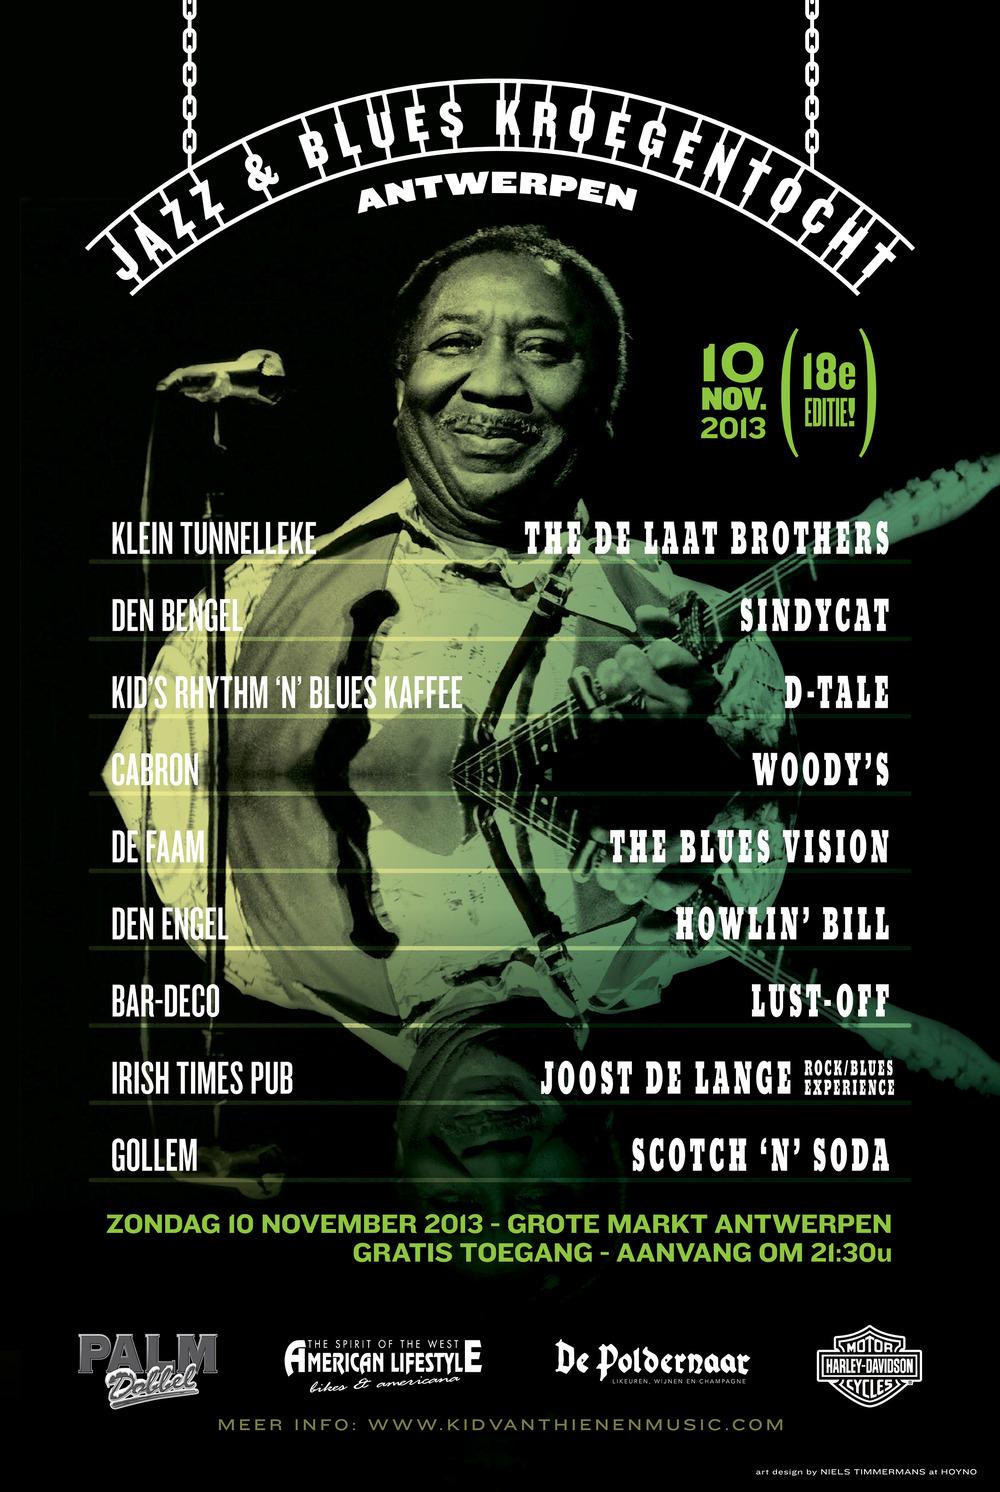 Jazz & Blues Kroegentocht 2013